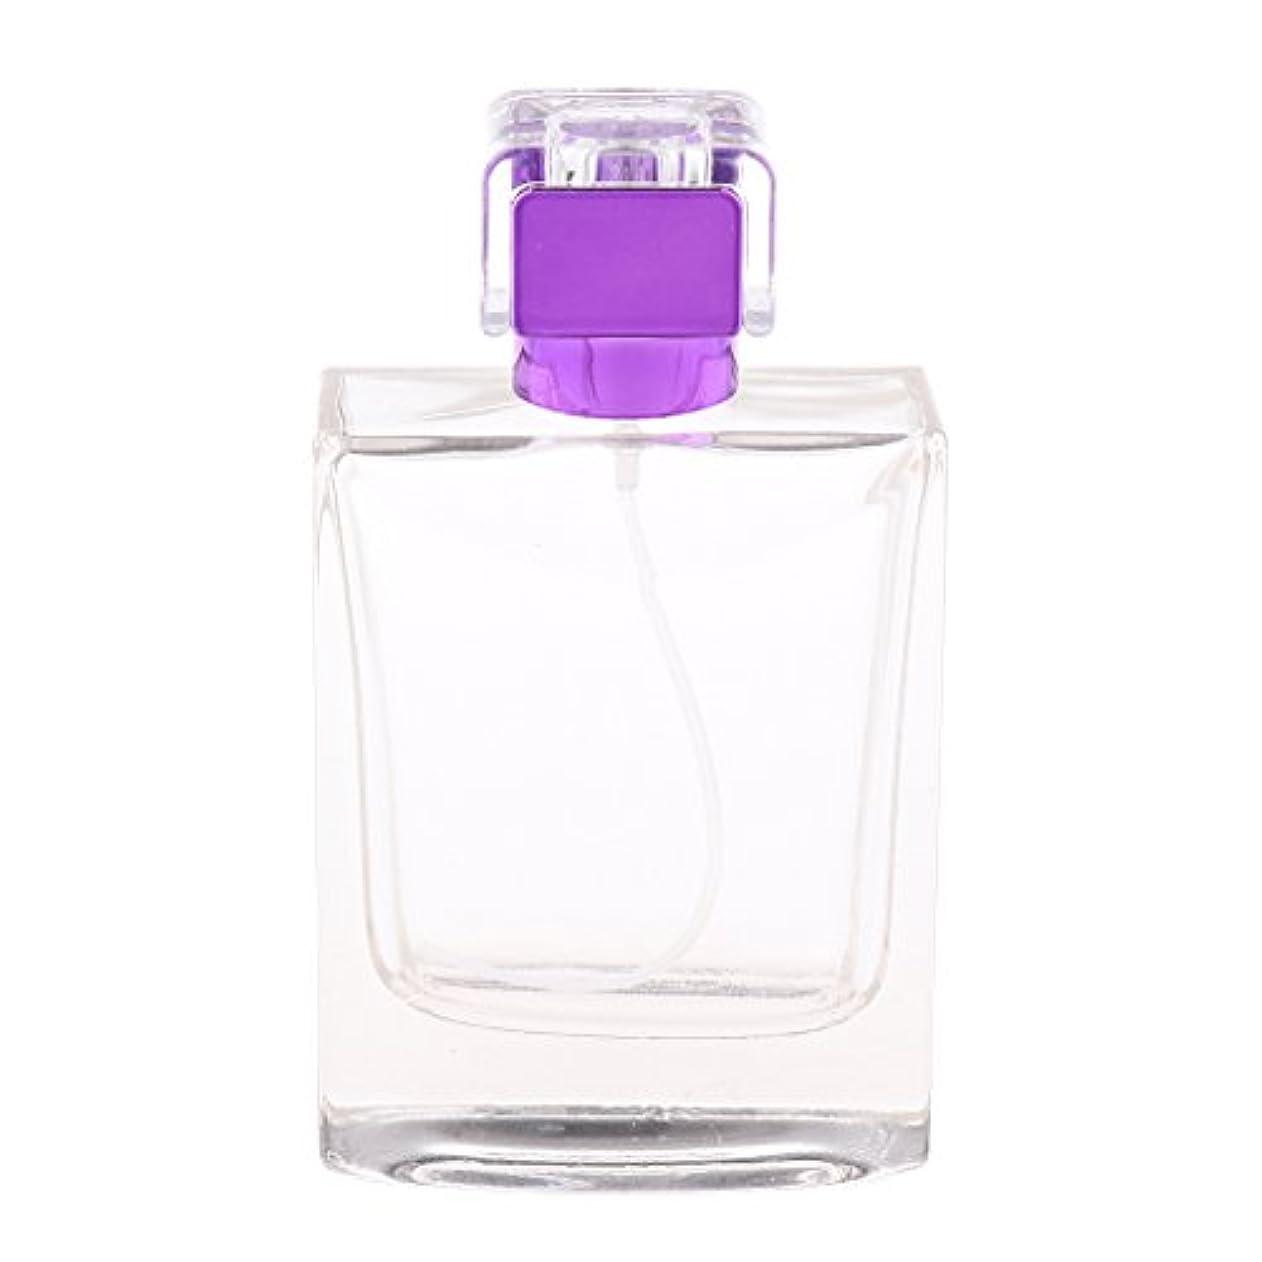 王子裕福なルーチンノーブランド品  100ml  矩形 香水瓶 スプレーボトル アトマイザー 詰め替え 旅行携帯便利  - 紫